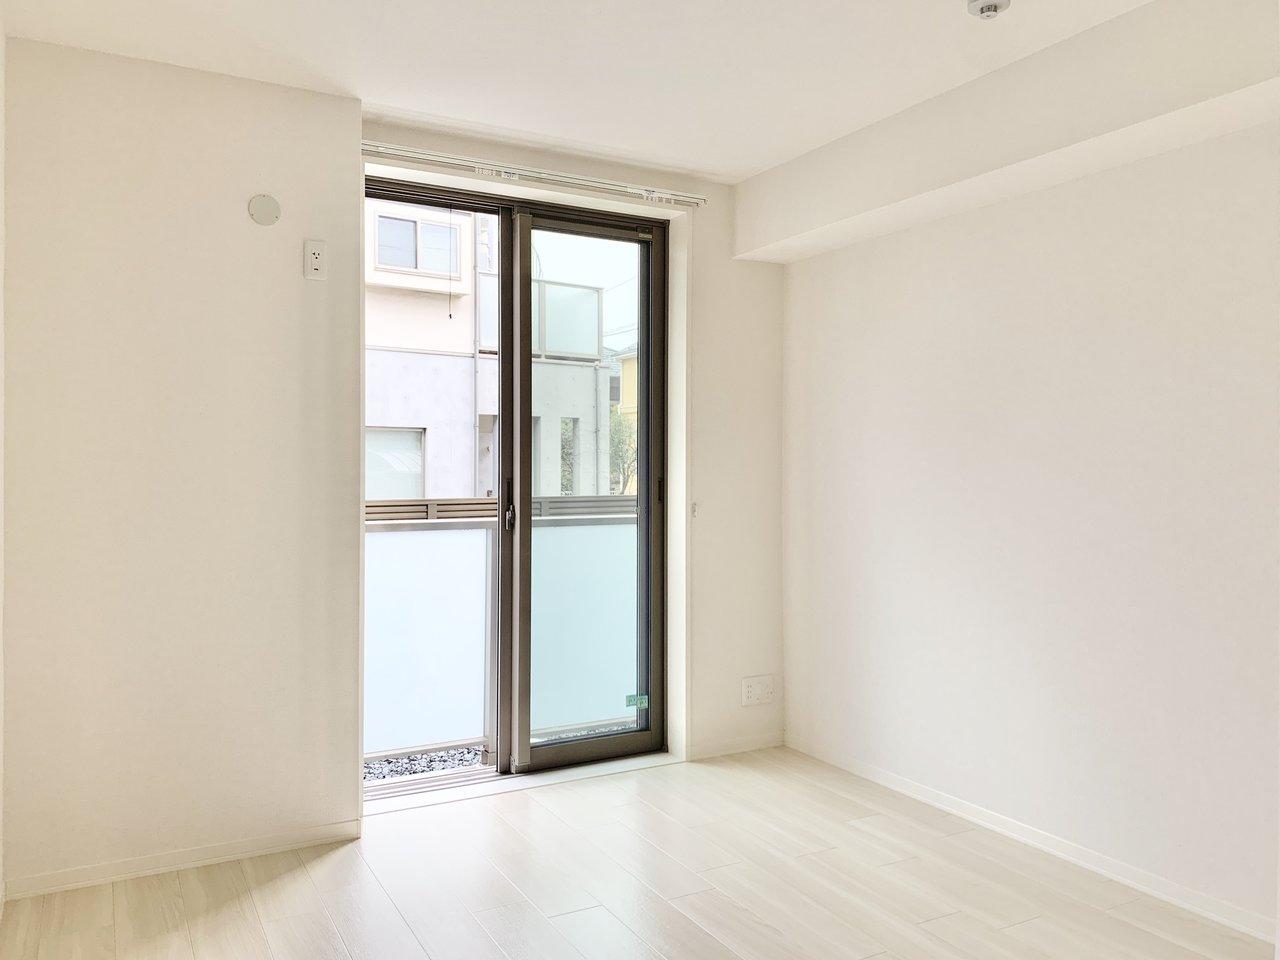 こちらは寝室。シンプルな内装ですが、広さは十分。リビングと寝室にそれぞれバルコニーもついています。